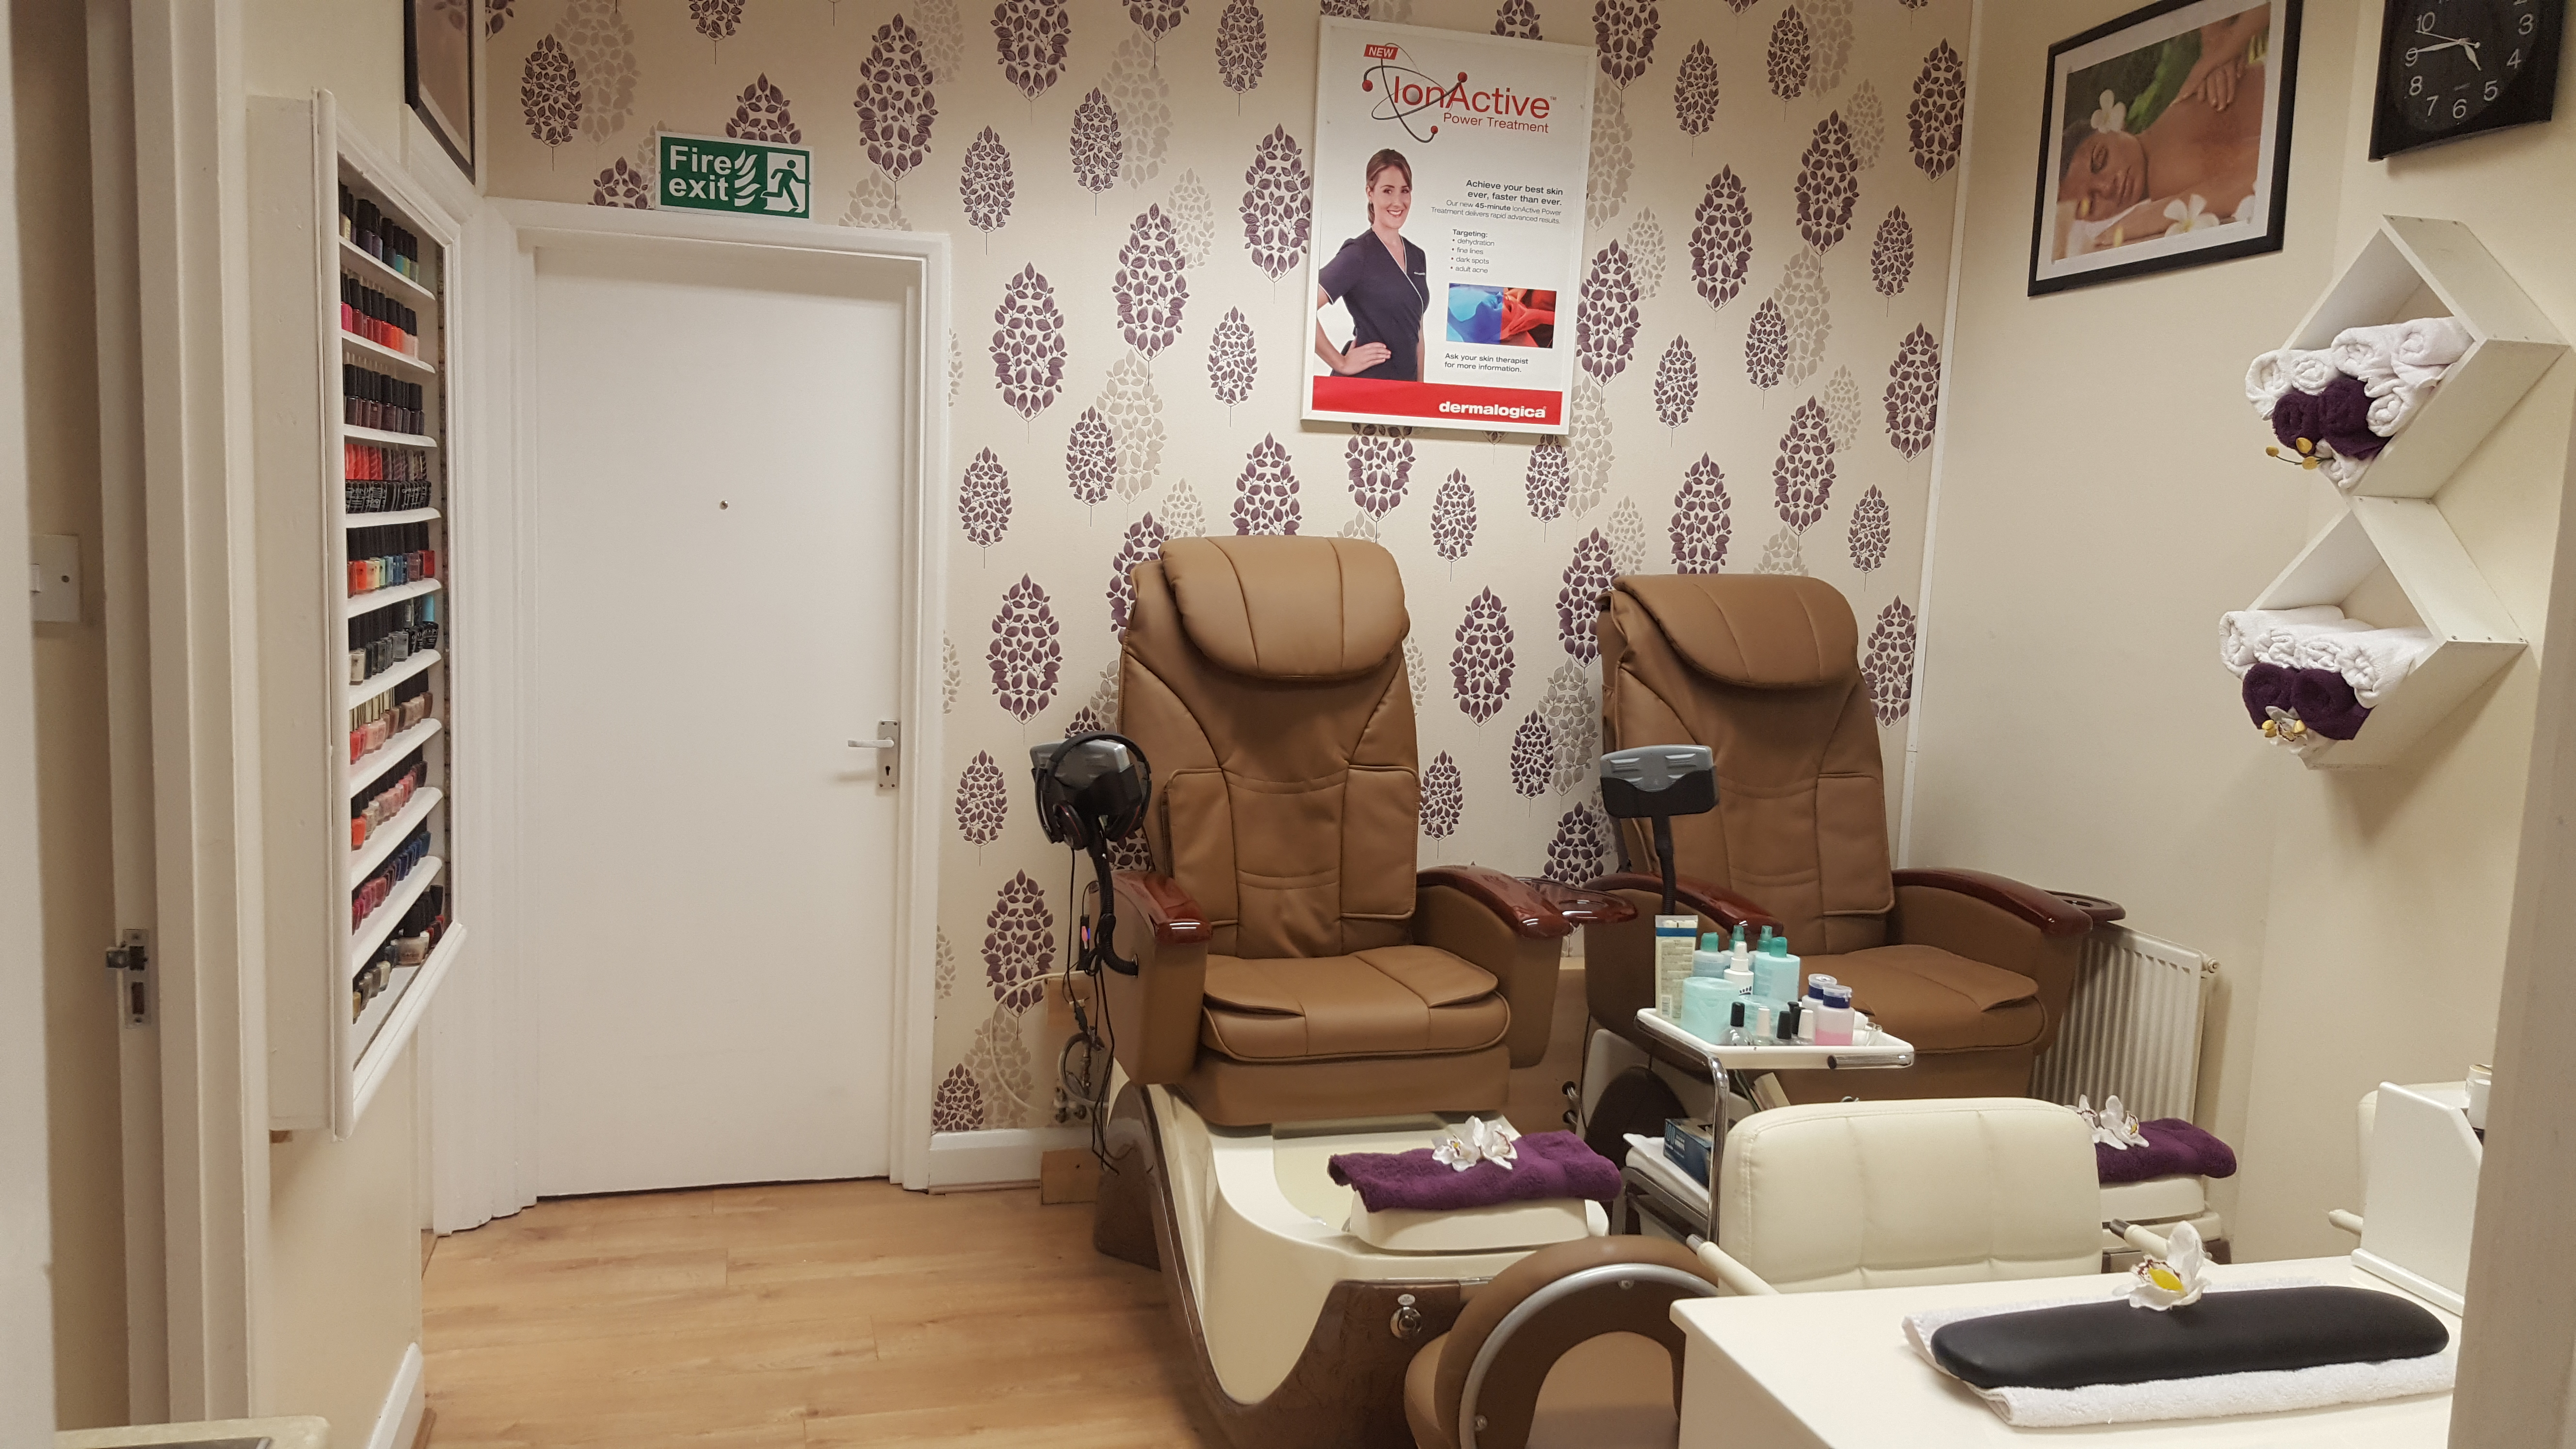 Pedicure Massage Chairs